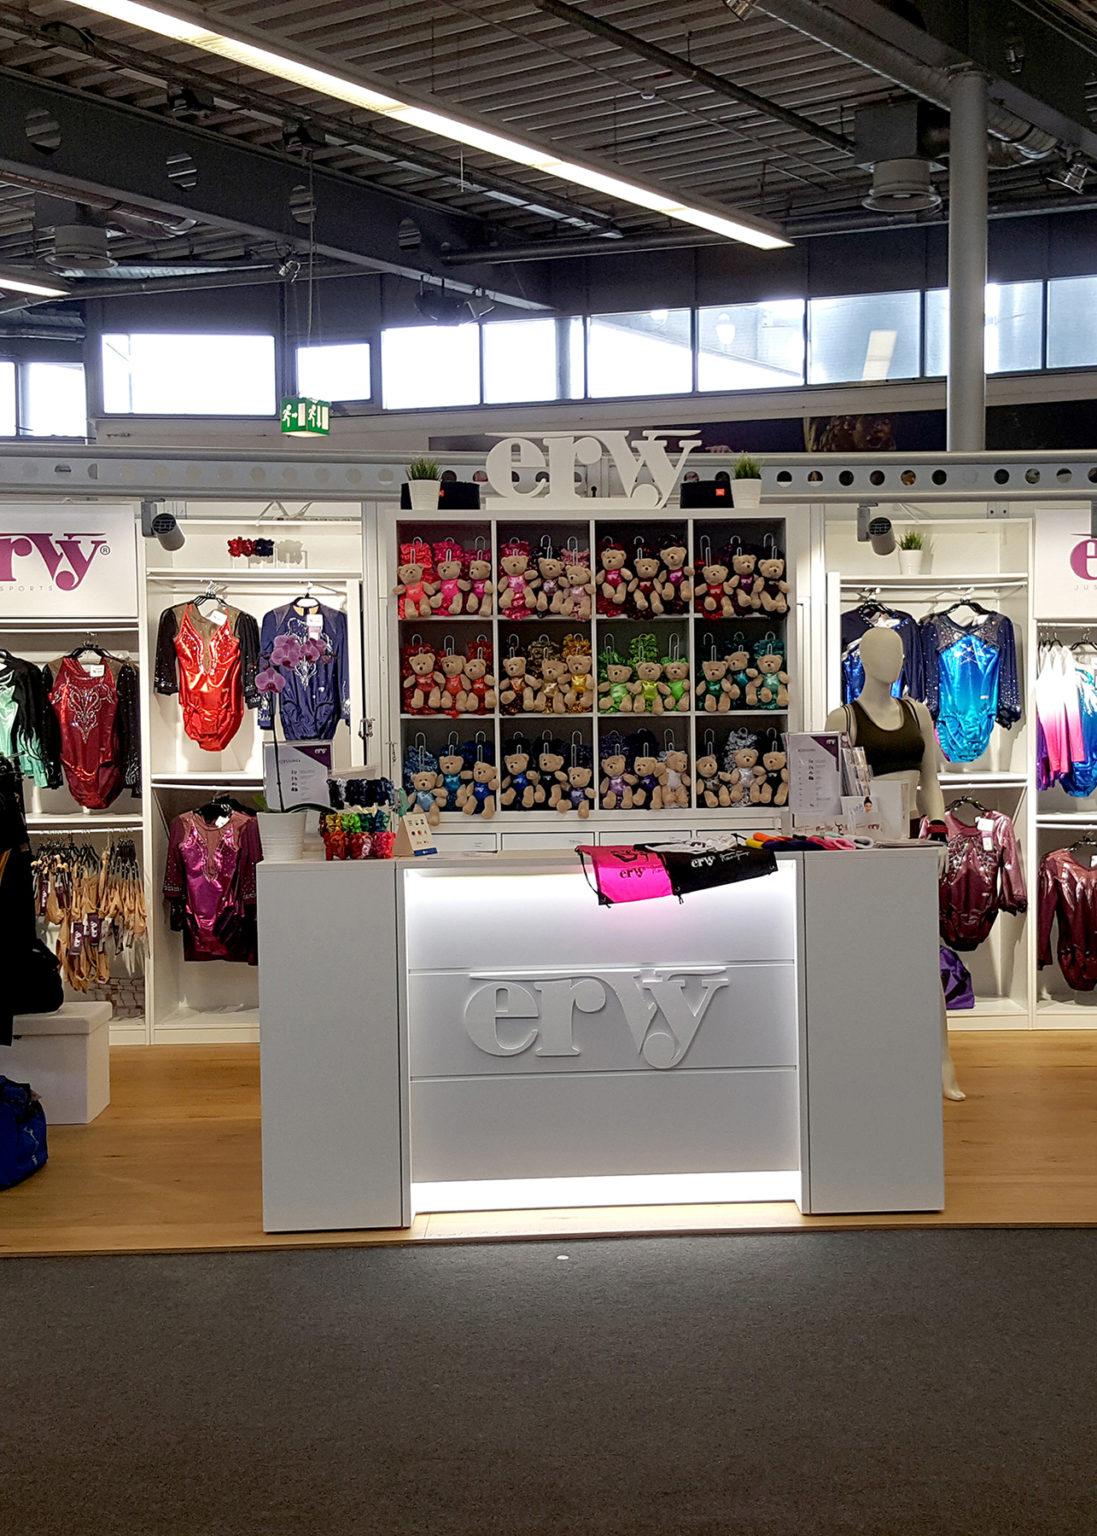 Verkaufstand von ERVY auf der Turn Weltmeisterschaft 2019 in Stuttgart in Deutschland